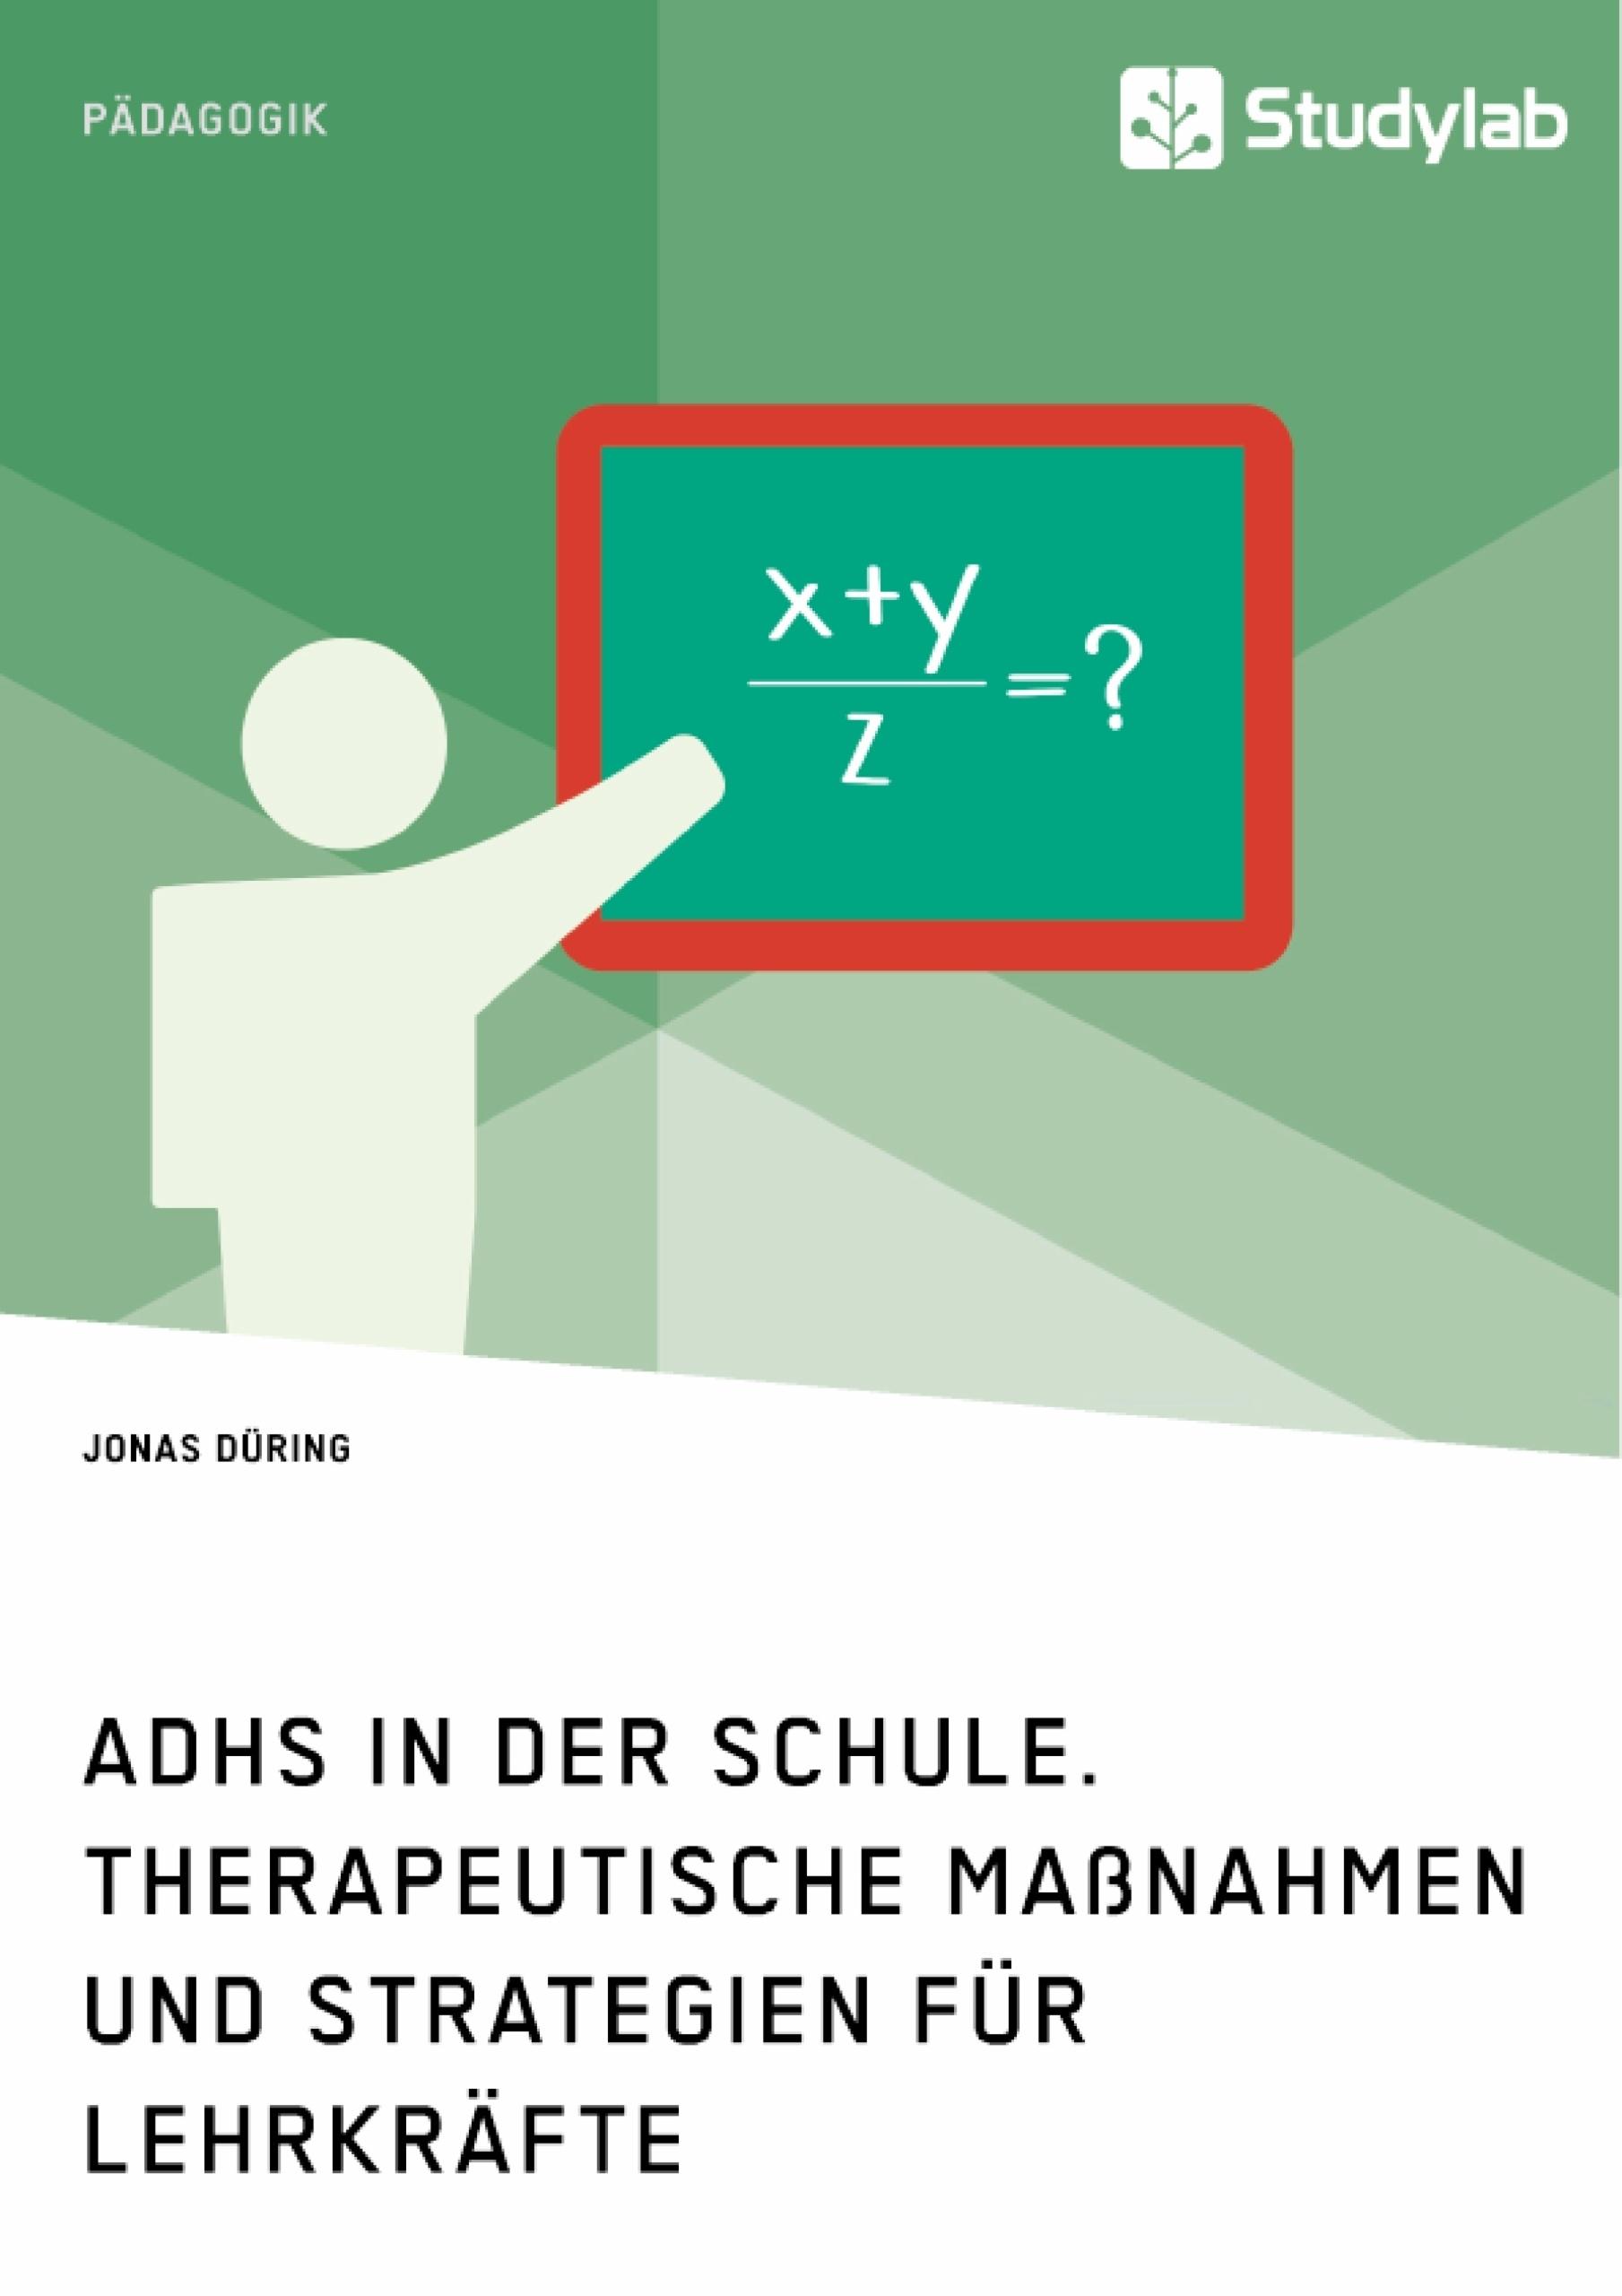 Titel: ADHS in der Schule. Therapeutische Maßnahmen und Strategien für Lehrkräfte